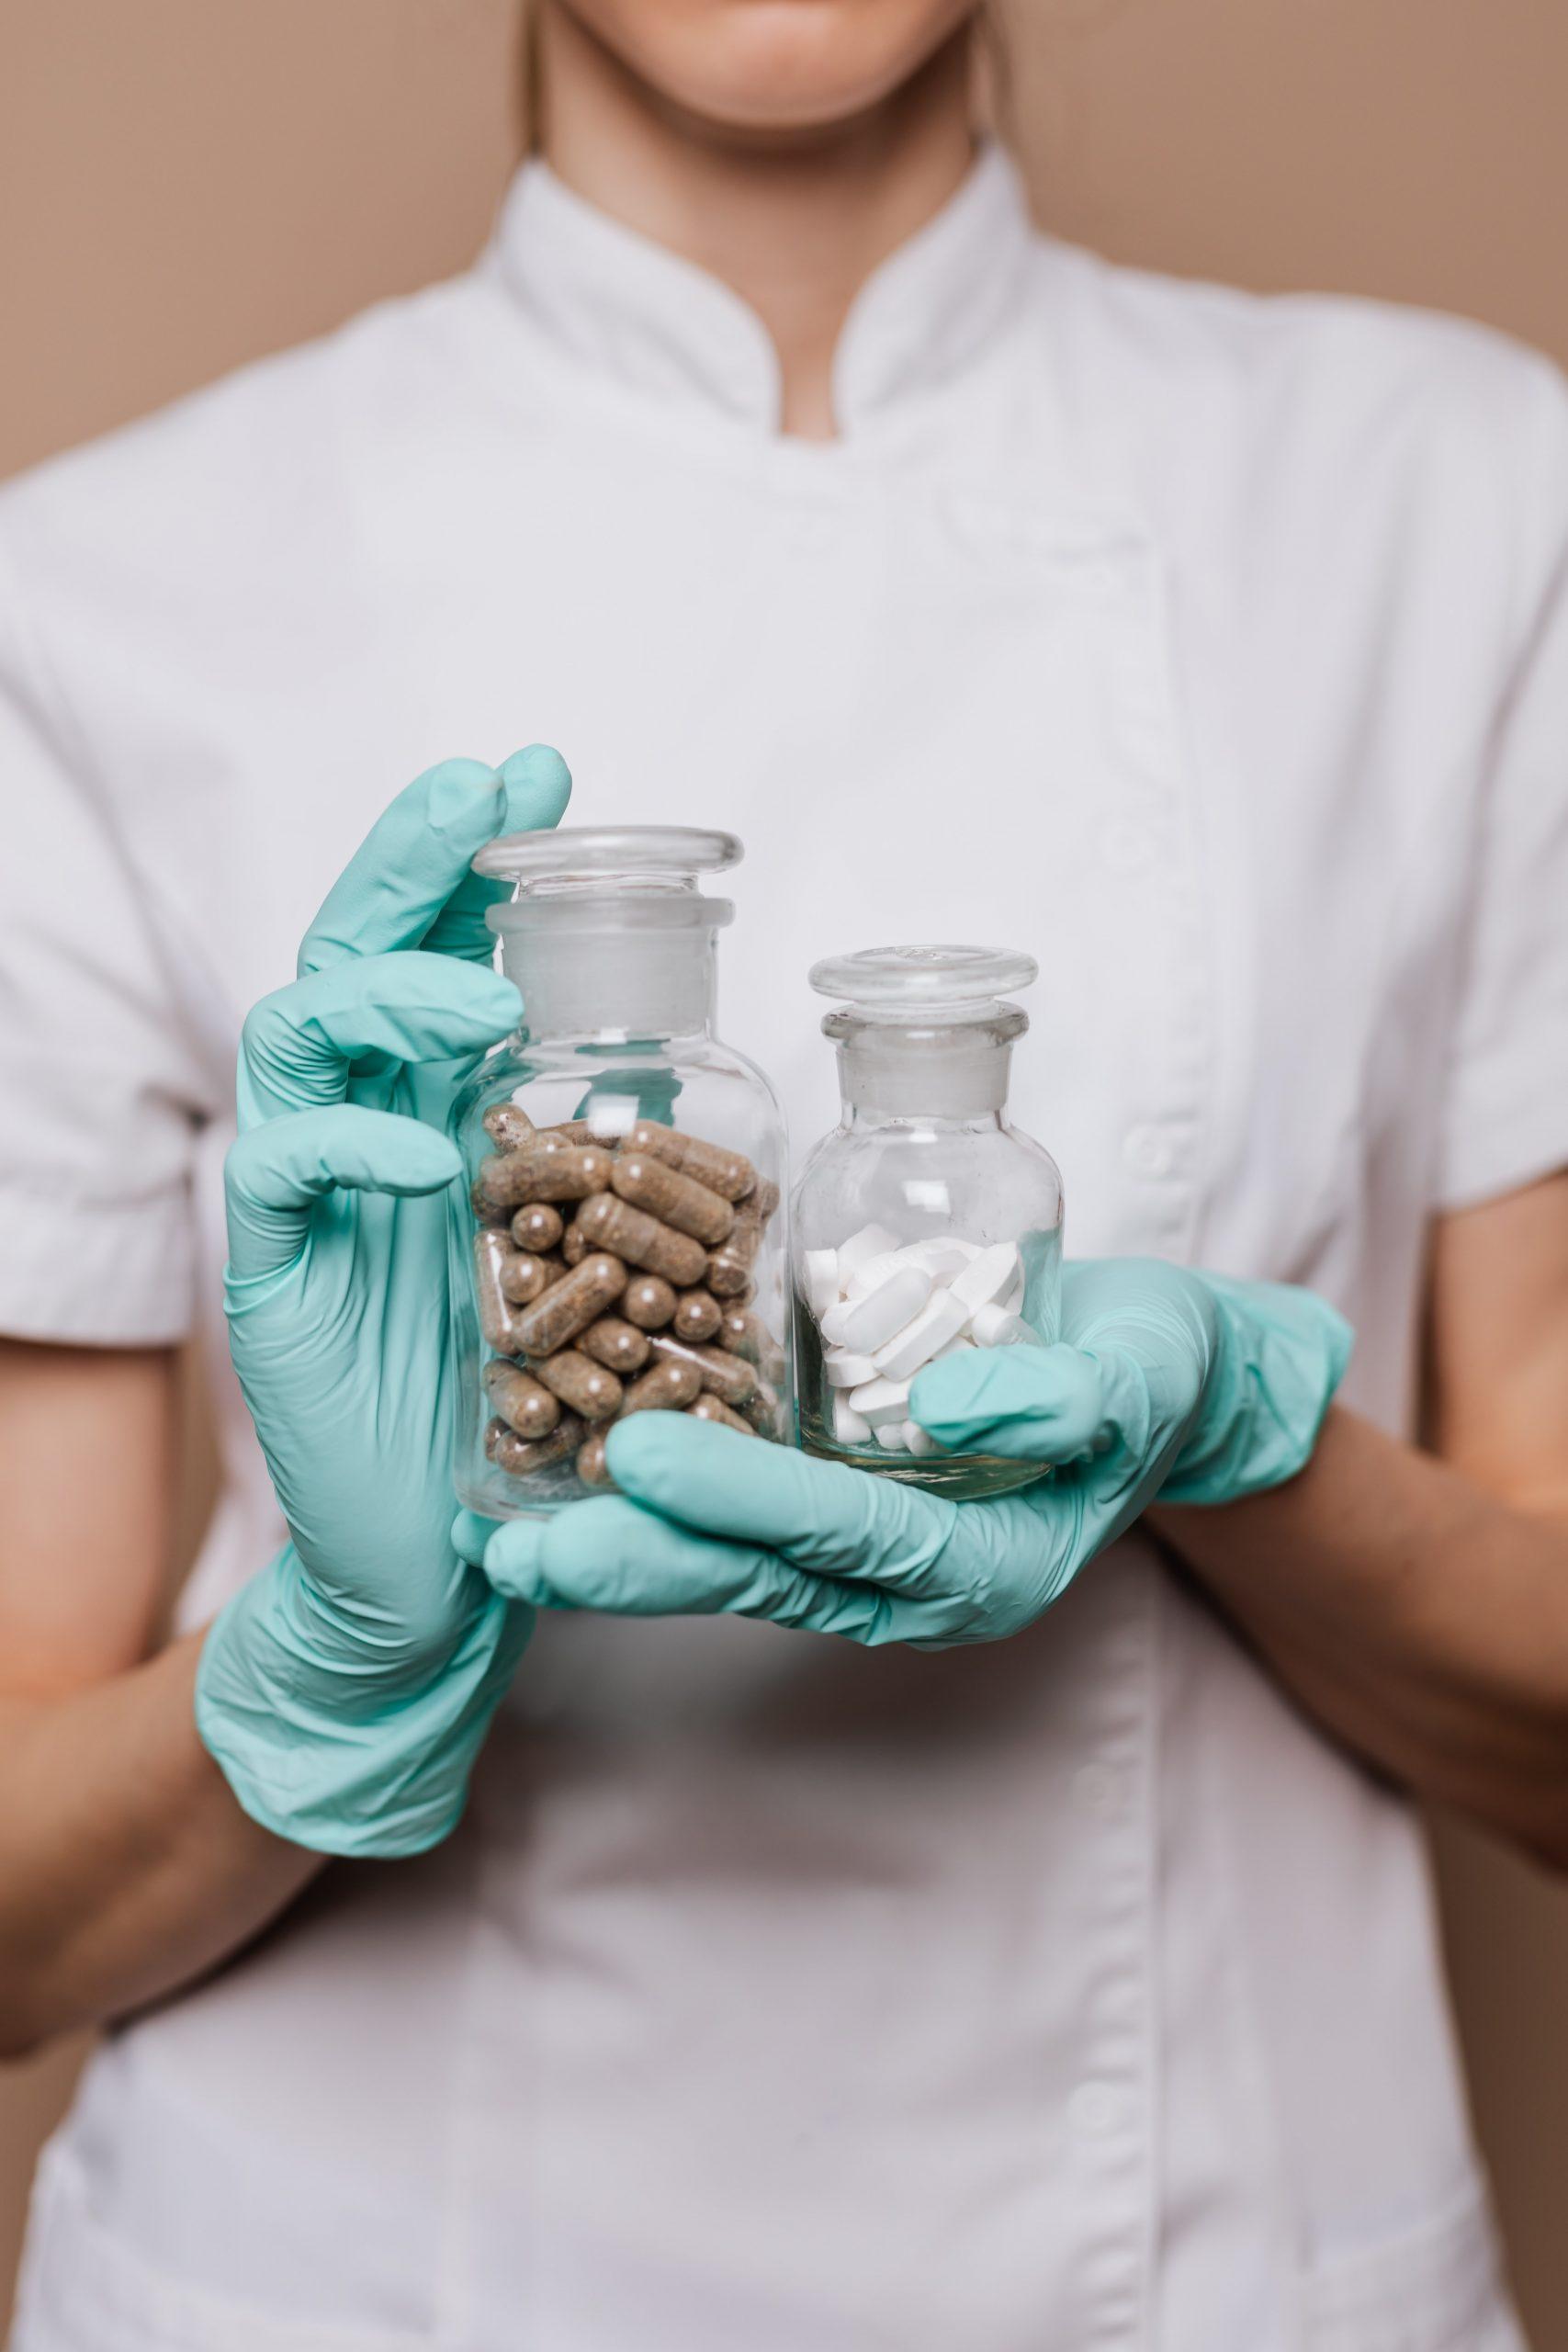 Pharma 4